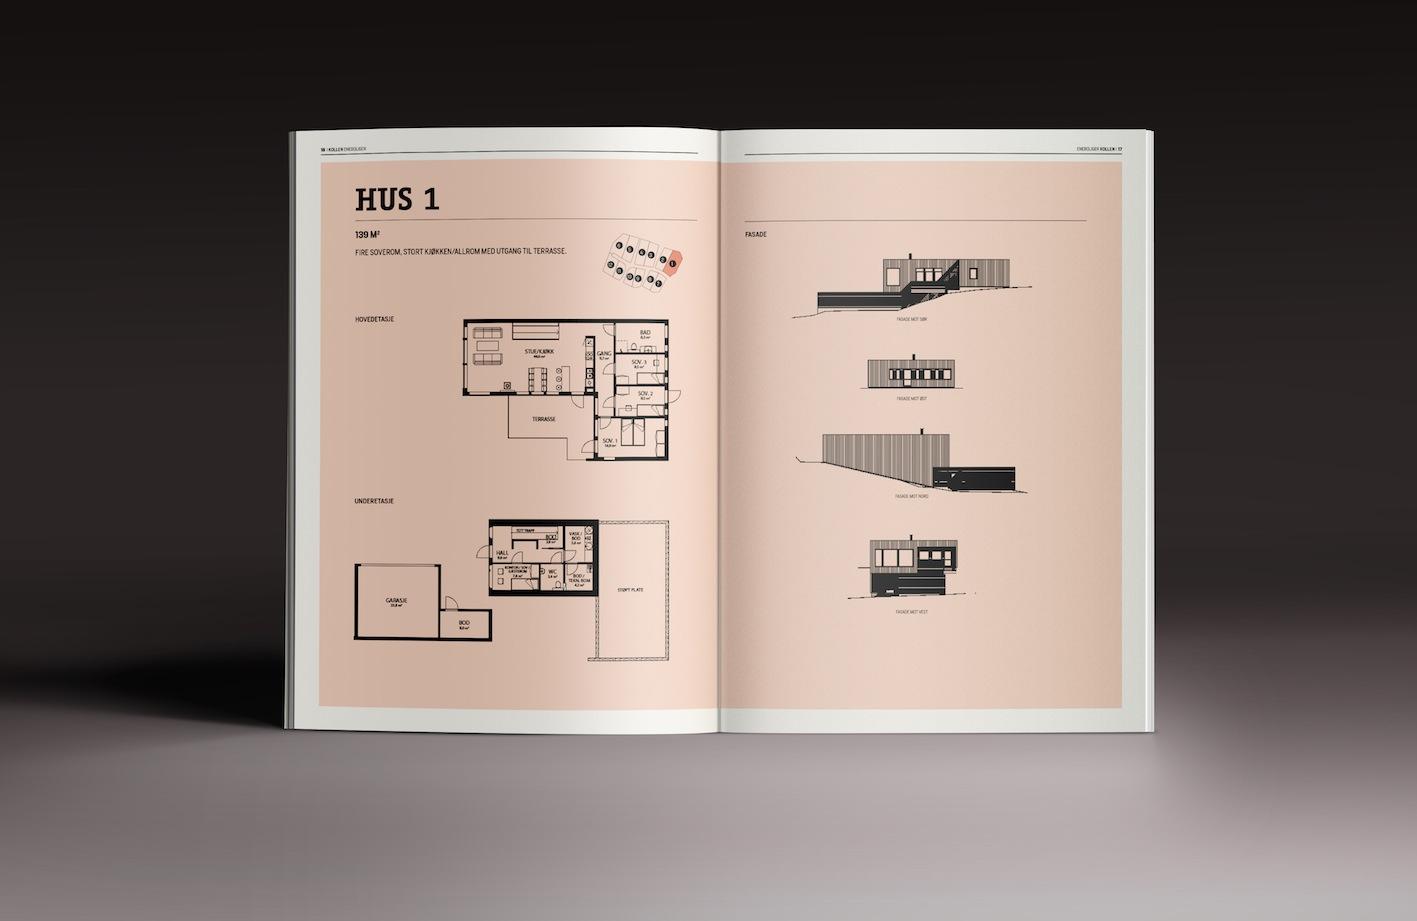 _Kruse_Presentation_2 copy.jpg